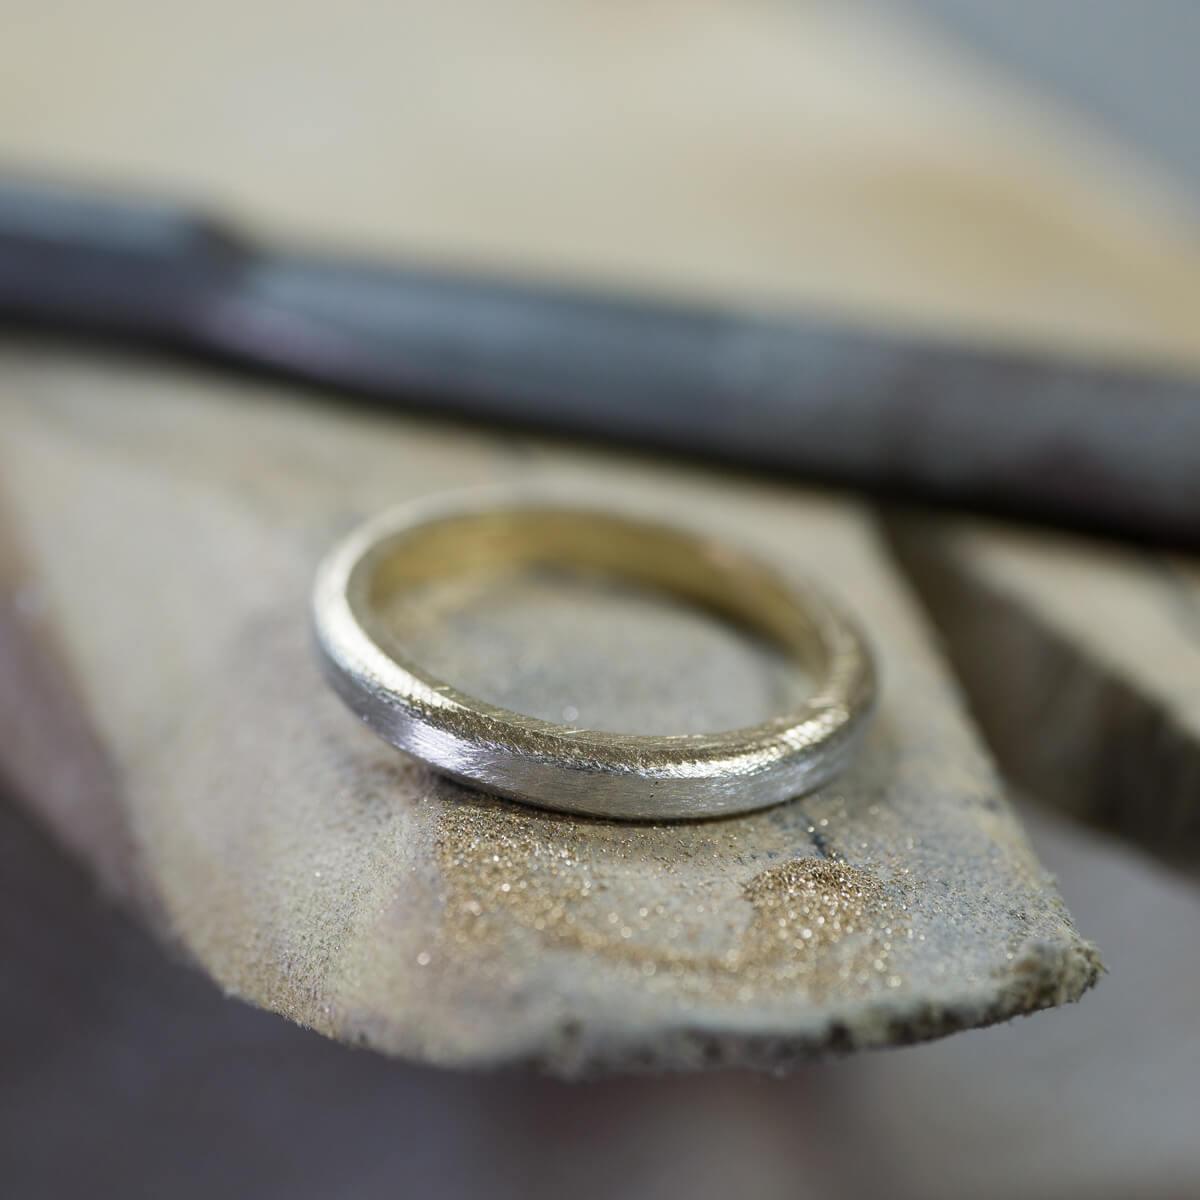 オーダーメイド結婚指輪の制作風景 ジュエリーのアトリエ  プラチナ、ゴールドのリング 屋久島でつくる結婚指輪